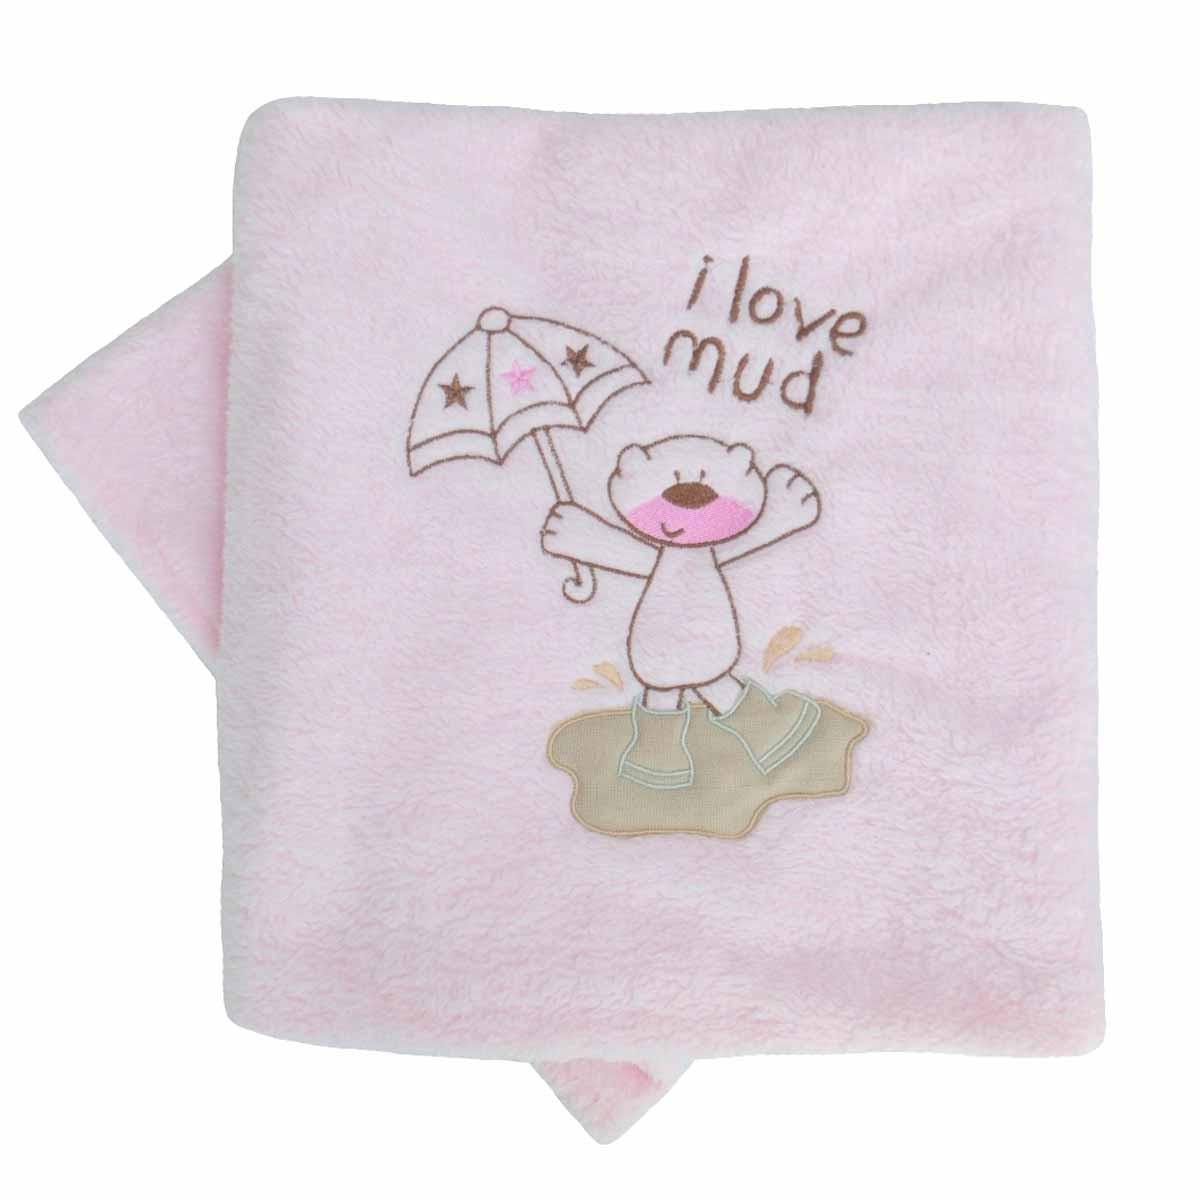 Κουβέρτα Fleece Κούνιας Κόσμος Του Μωρού 0065 Mud Ροζ